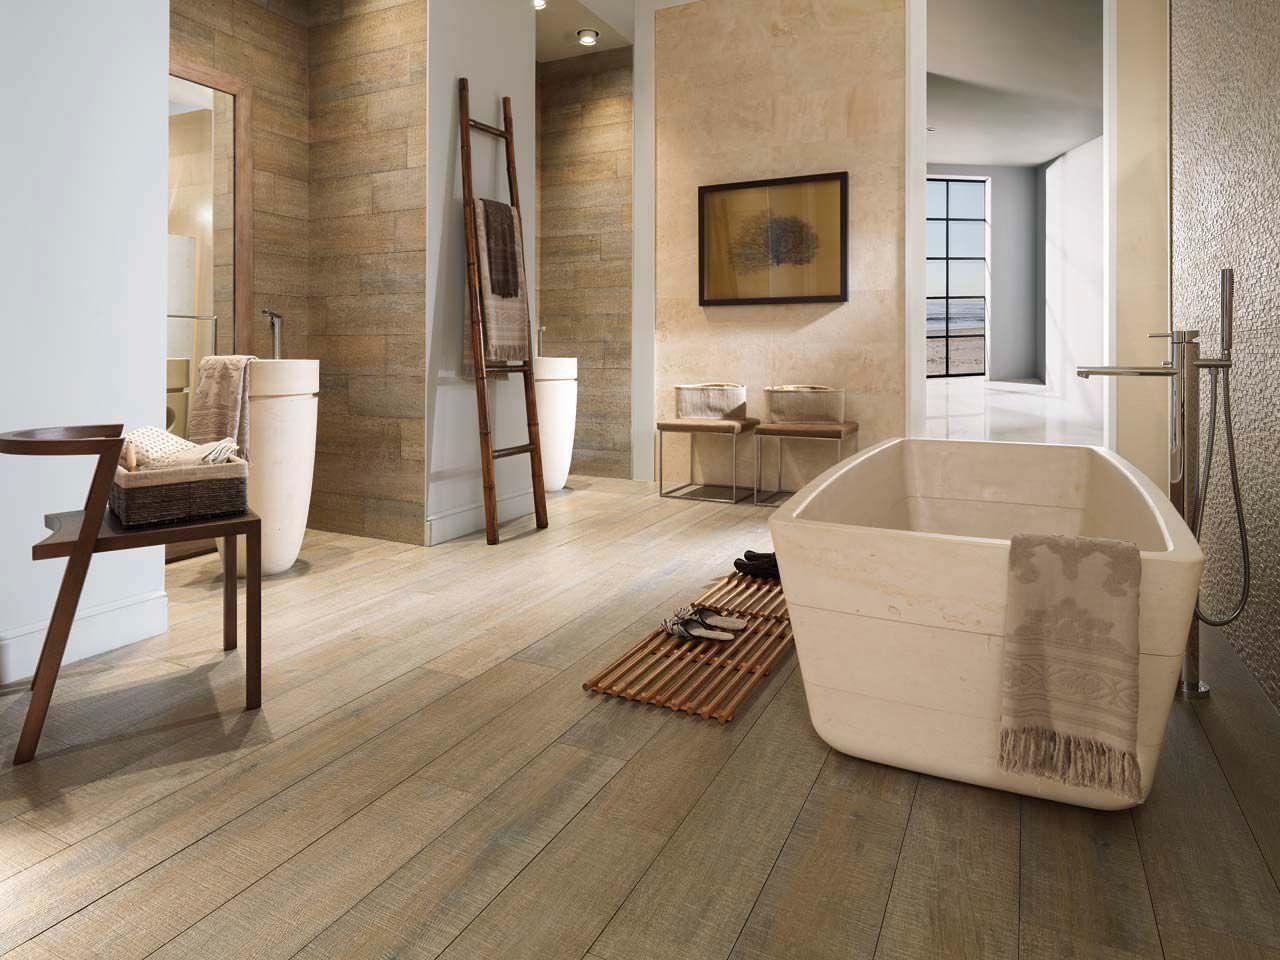 Carrelage de salle de bain / de sol / en grès cérame / poli PAR ...